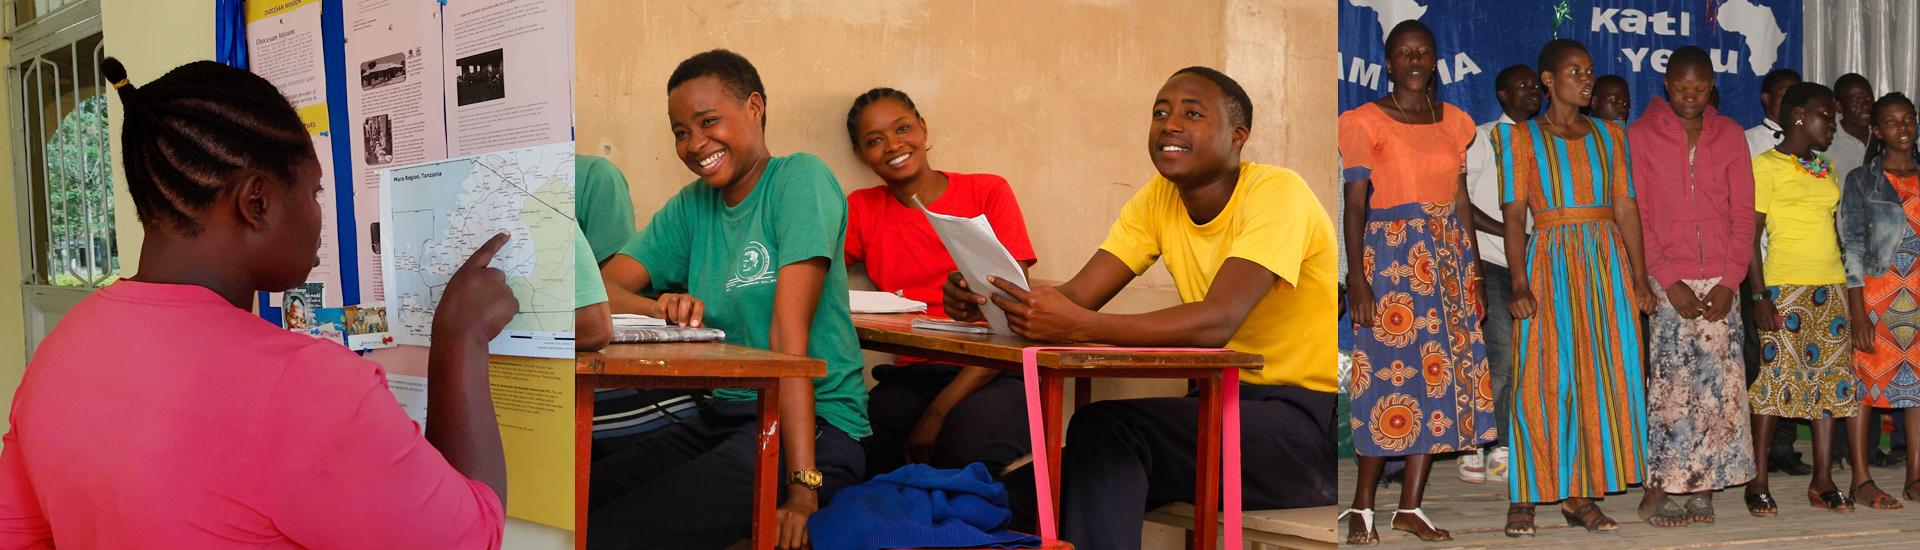 Grace, un futuro mejor en Tanzania gracias a la formación profesional